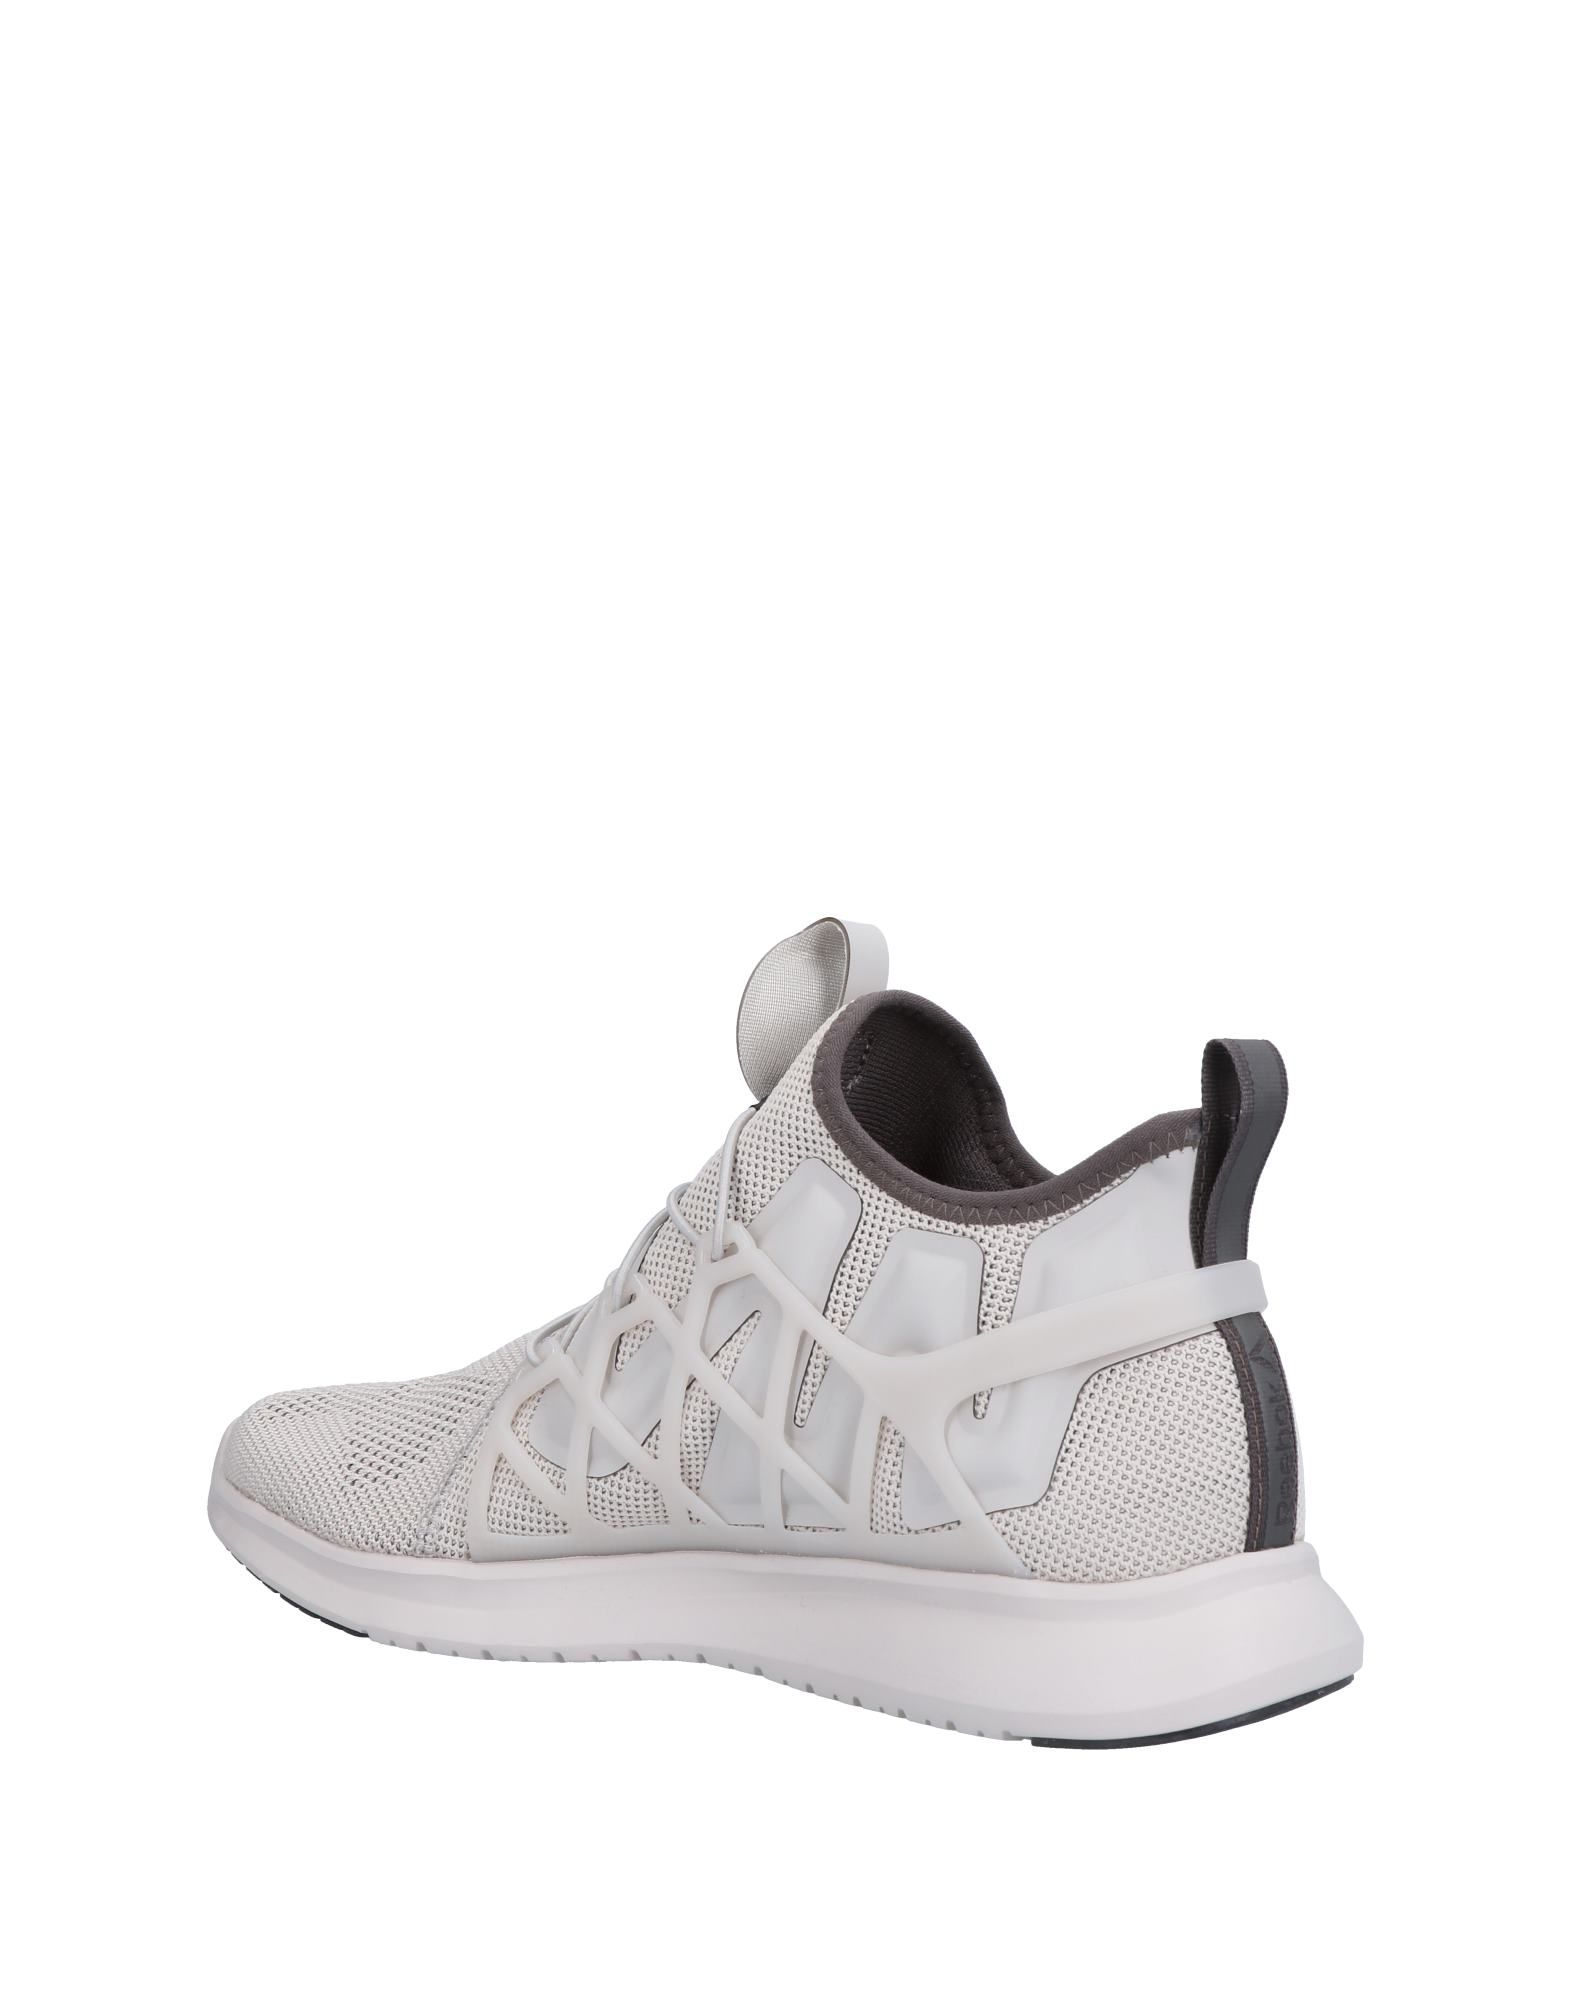 Rabatt Herren echte Schuhe Reebok Sneakers Herren Rabatt  11493690RH 43c821